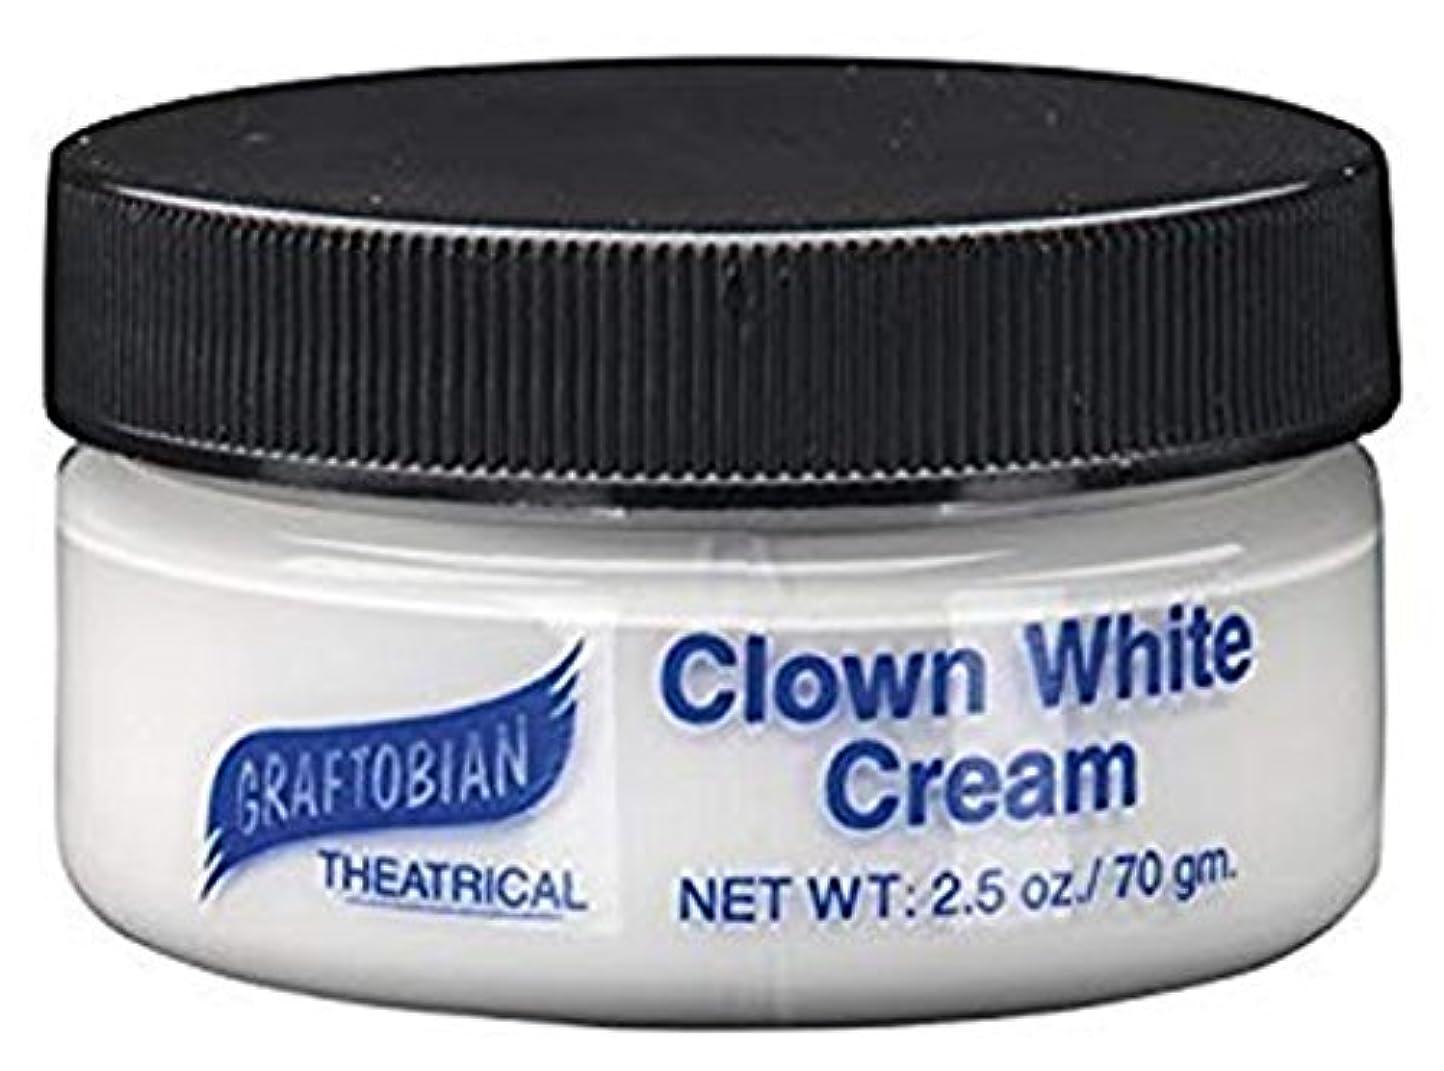 Clown White Creme Foundation (2.5 oz.) ピエロホワイトクリームファンデーション(2.5オンス)?ハロウィン?クリスマス?2.5 oz.